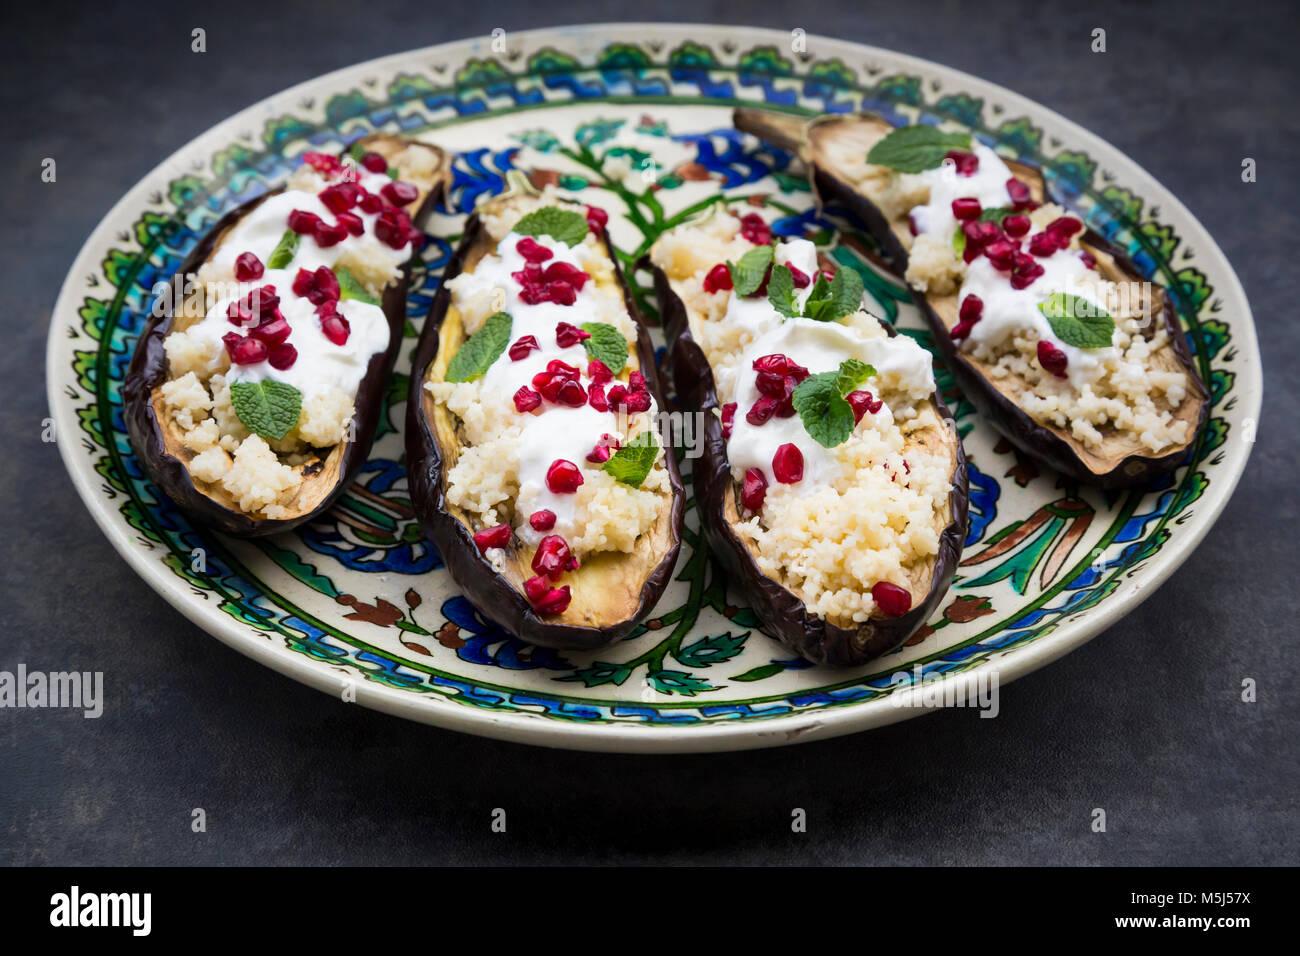 Berenjenas rellenas, cuscús, salsa de yogur, menta y semillas de granada Imagen De Stock